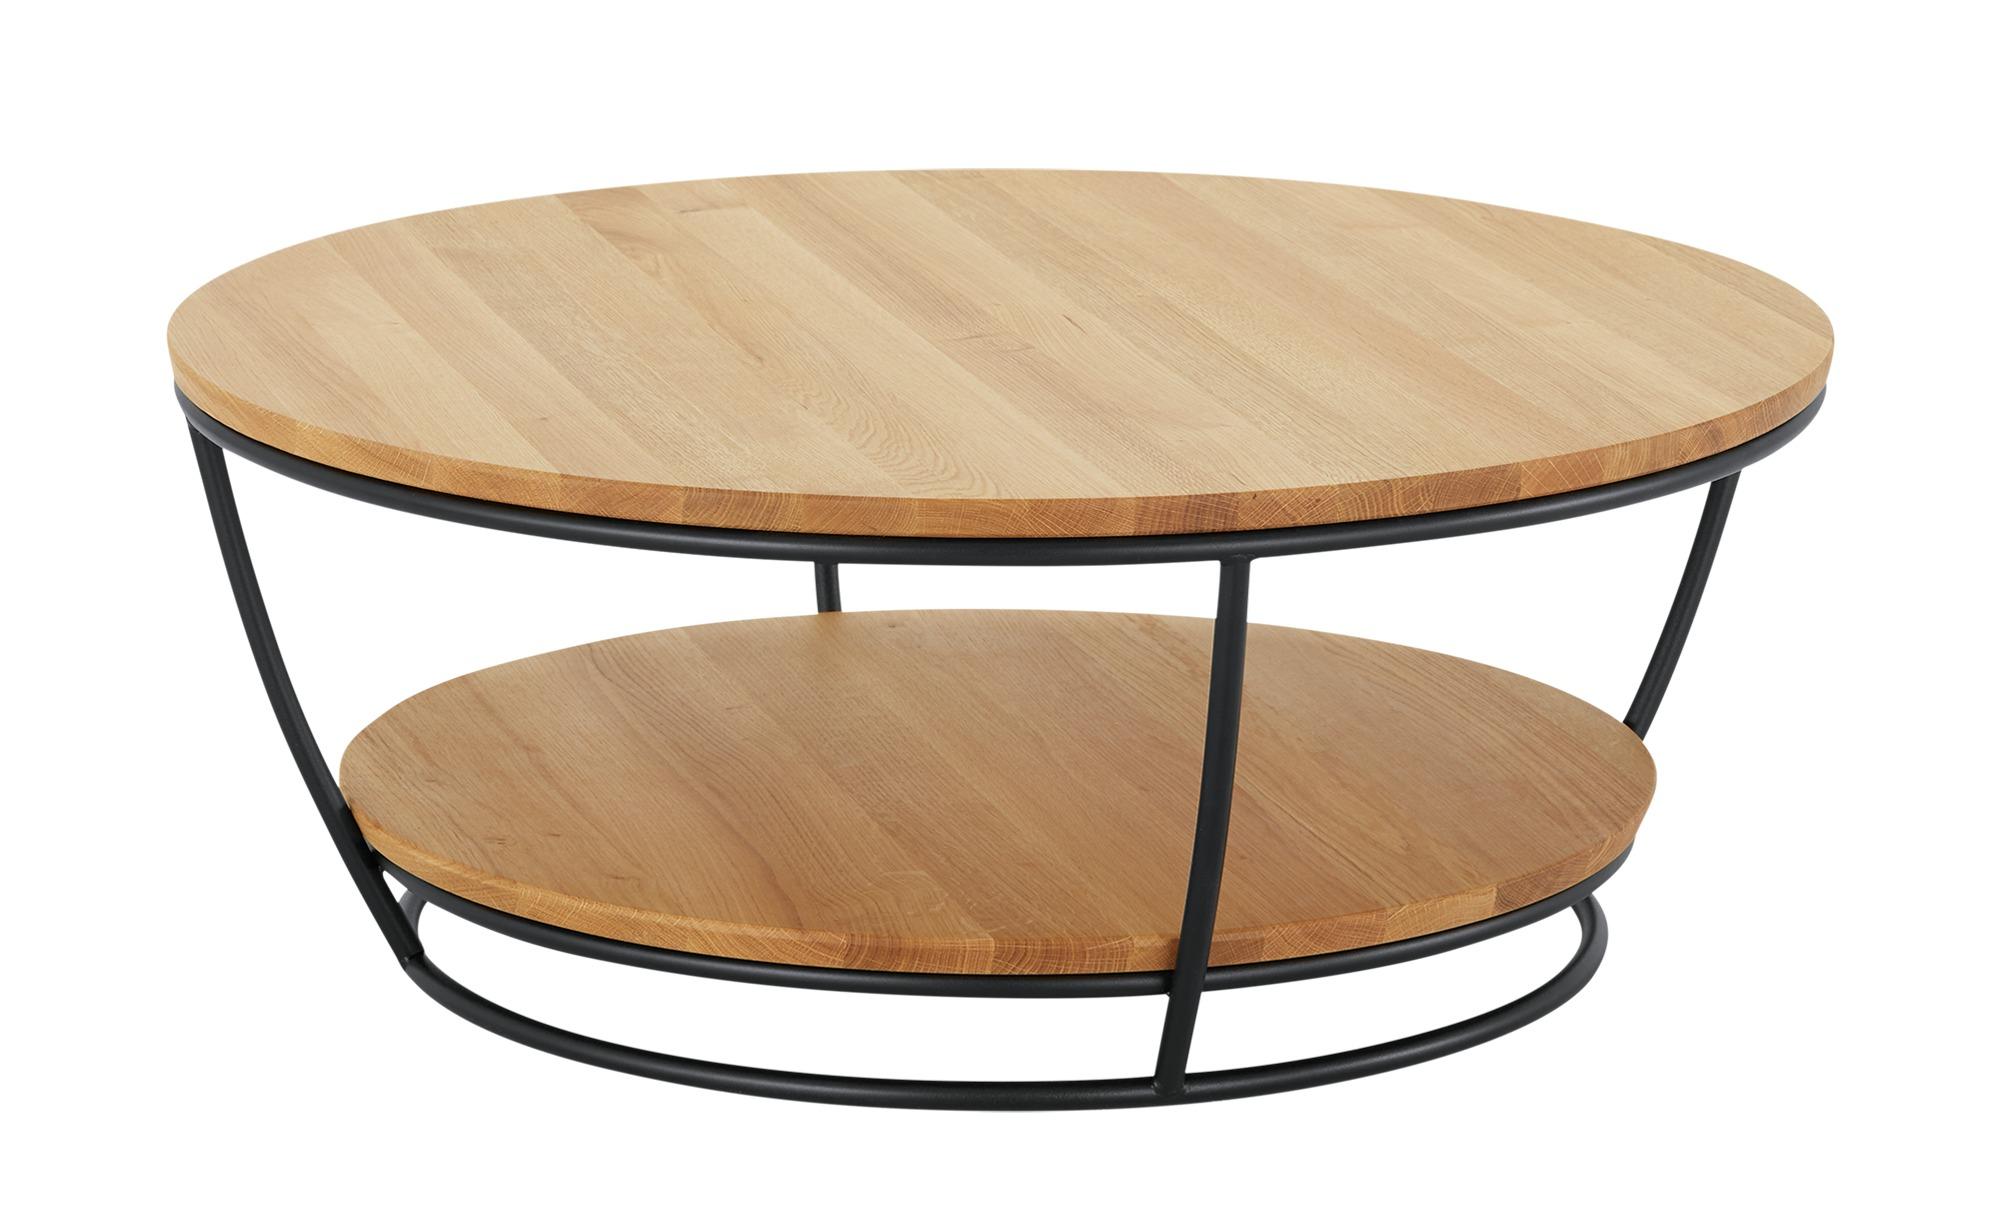 Couchtisch  Korfu ¦ holzfarben ¦ Maße (cm): H: 38 Ø: 92 Tische > Couchtische > Couchtische rund - Höffner